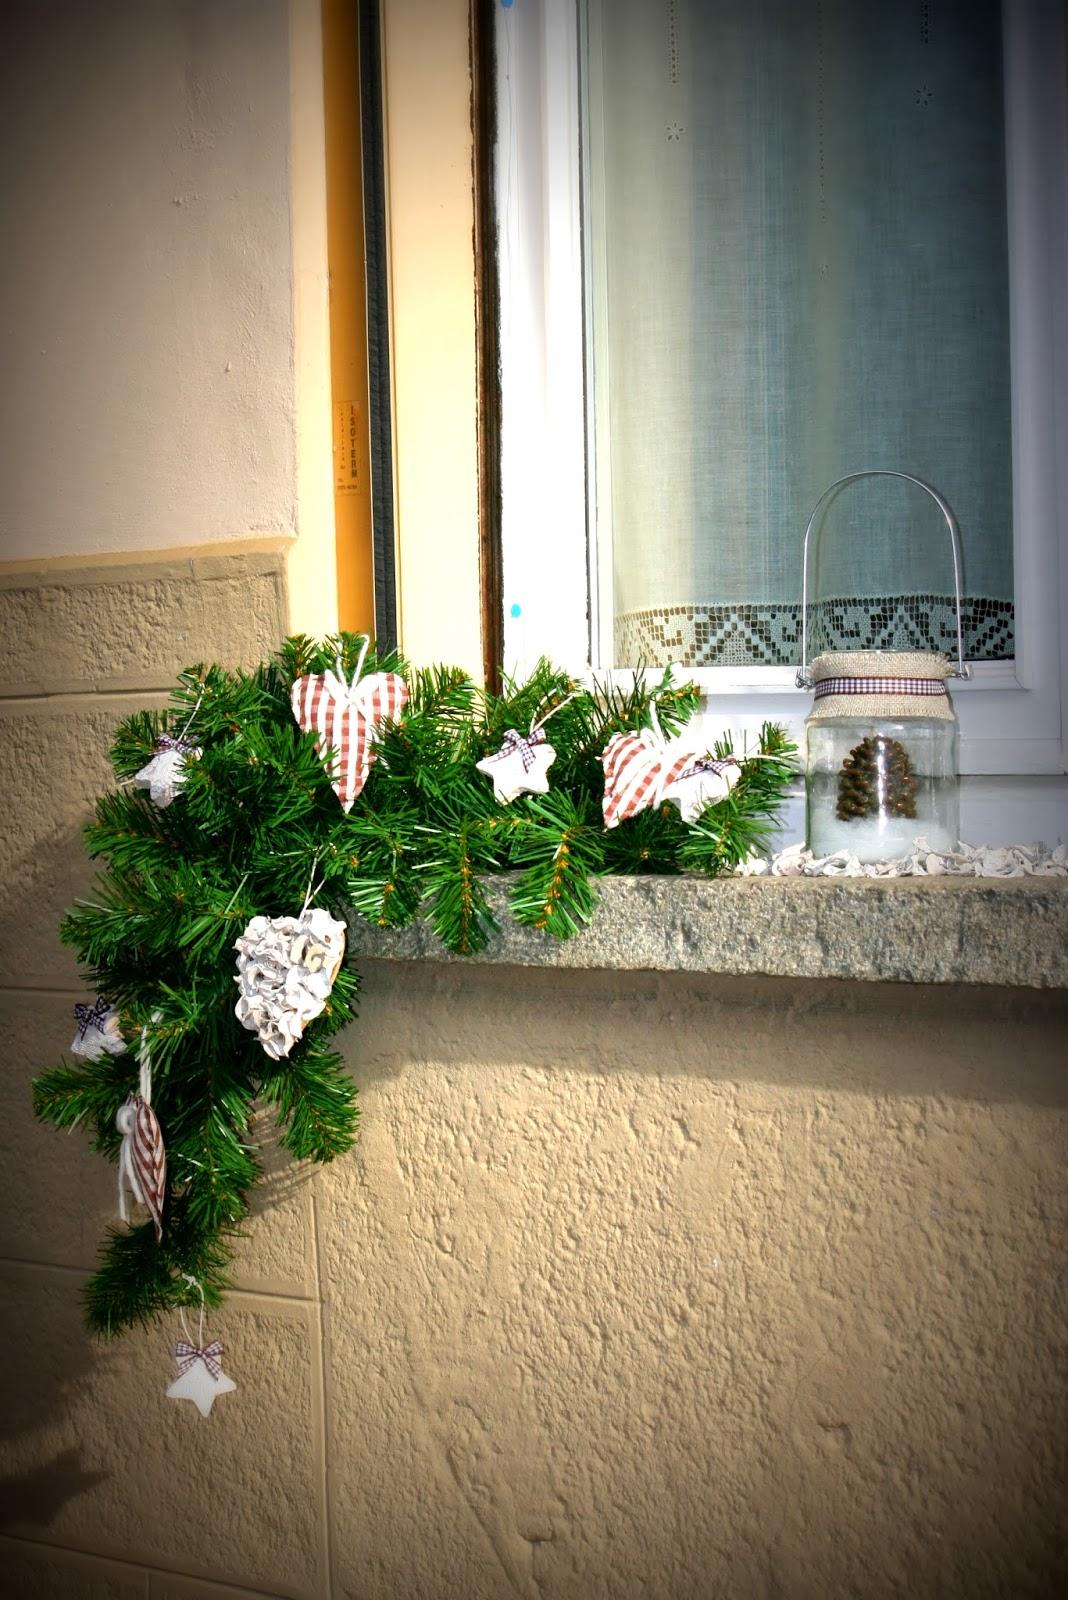 Robin 39 s cake decorazioni natalizie per la casa - Decorazioni per finestre natalizie ...